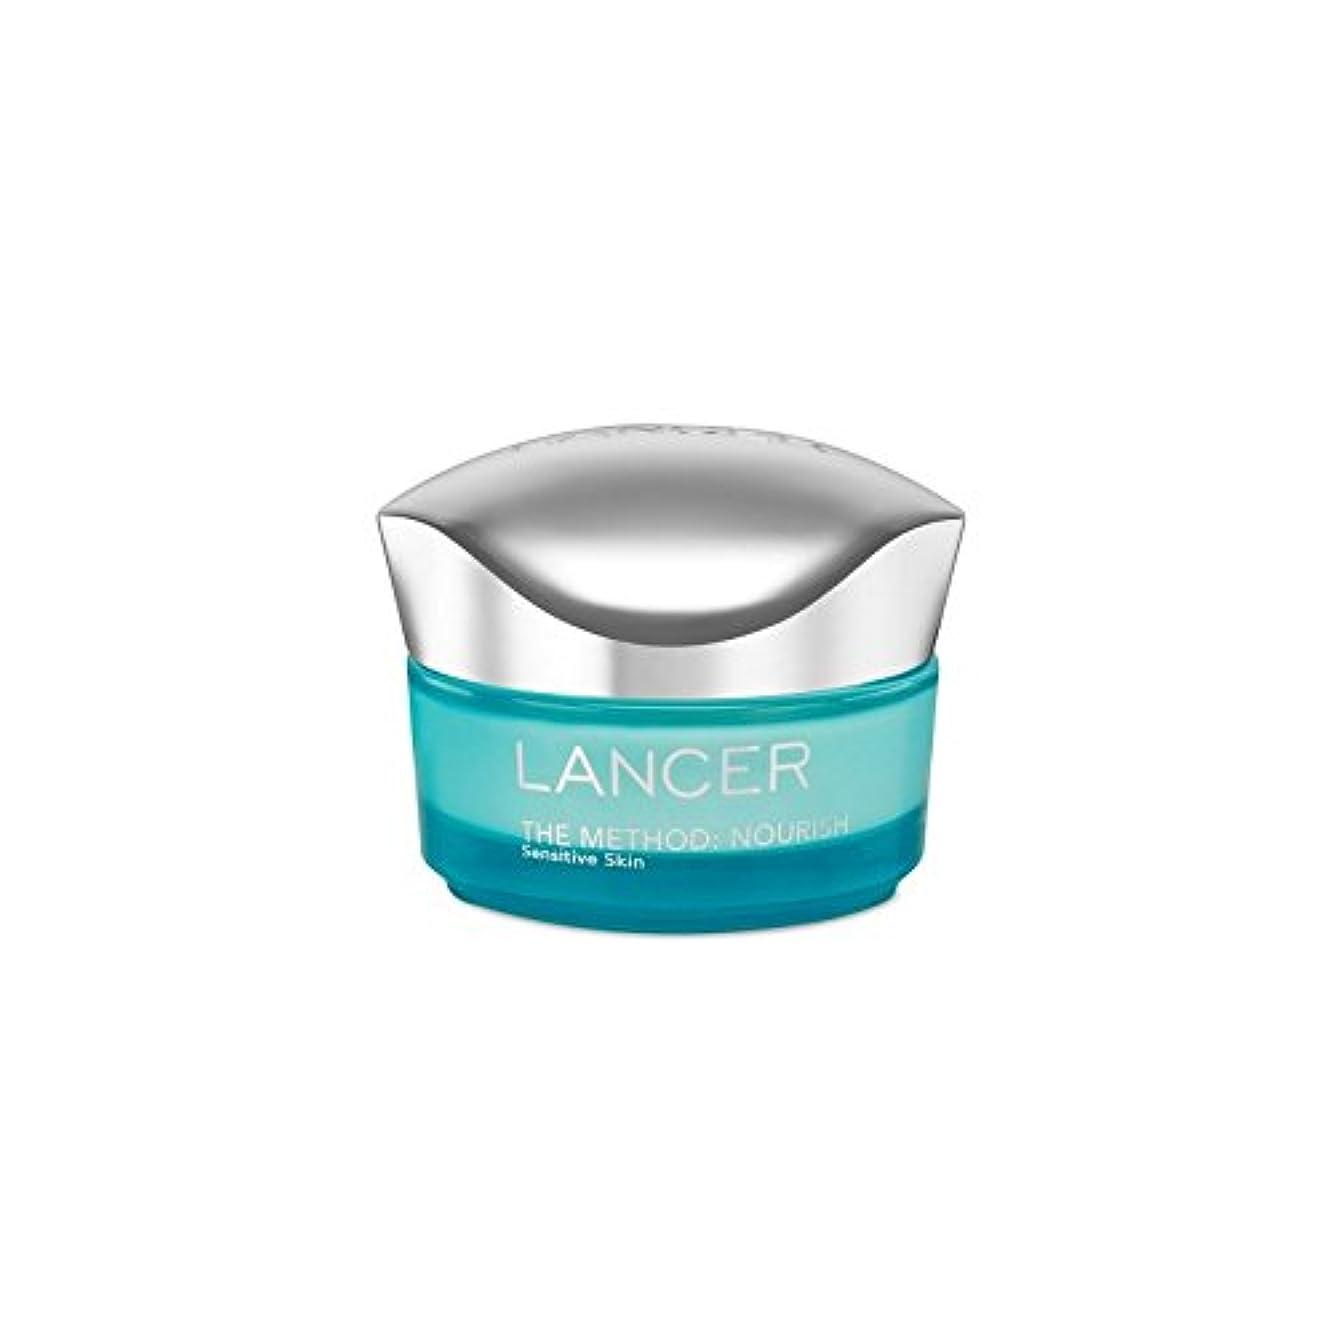 サーフィン売上高振動するランサーは、この方法をスキンケア:保湿敏感肌(50)に栄養を与えます x2 - Lancer Skincare The Method: Nourish Moisturiser Sensitive Skin (50ml)...